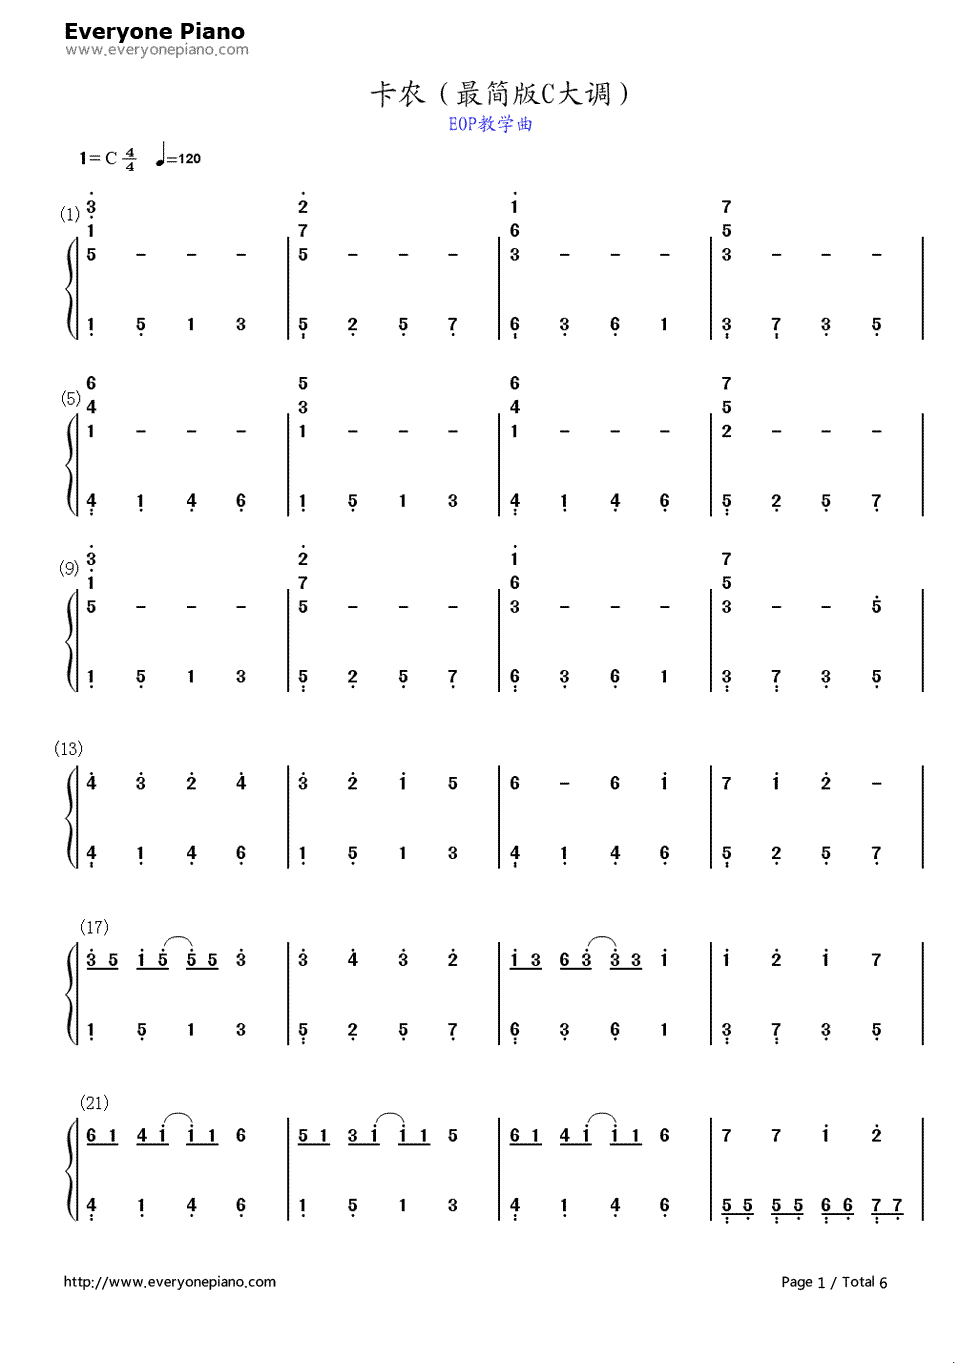 卡农数字钢琴谱卡农数字钢琴谱 卡农双手数字钢琴谱 ...